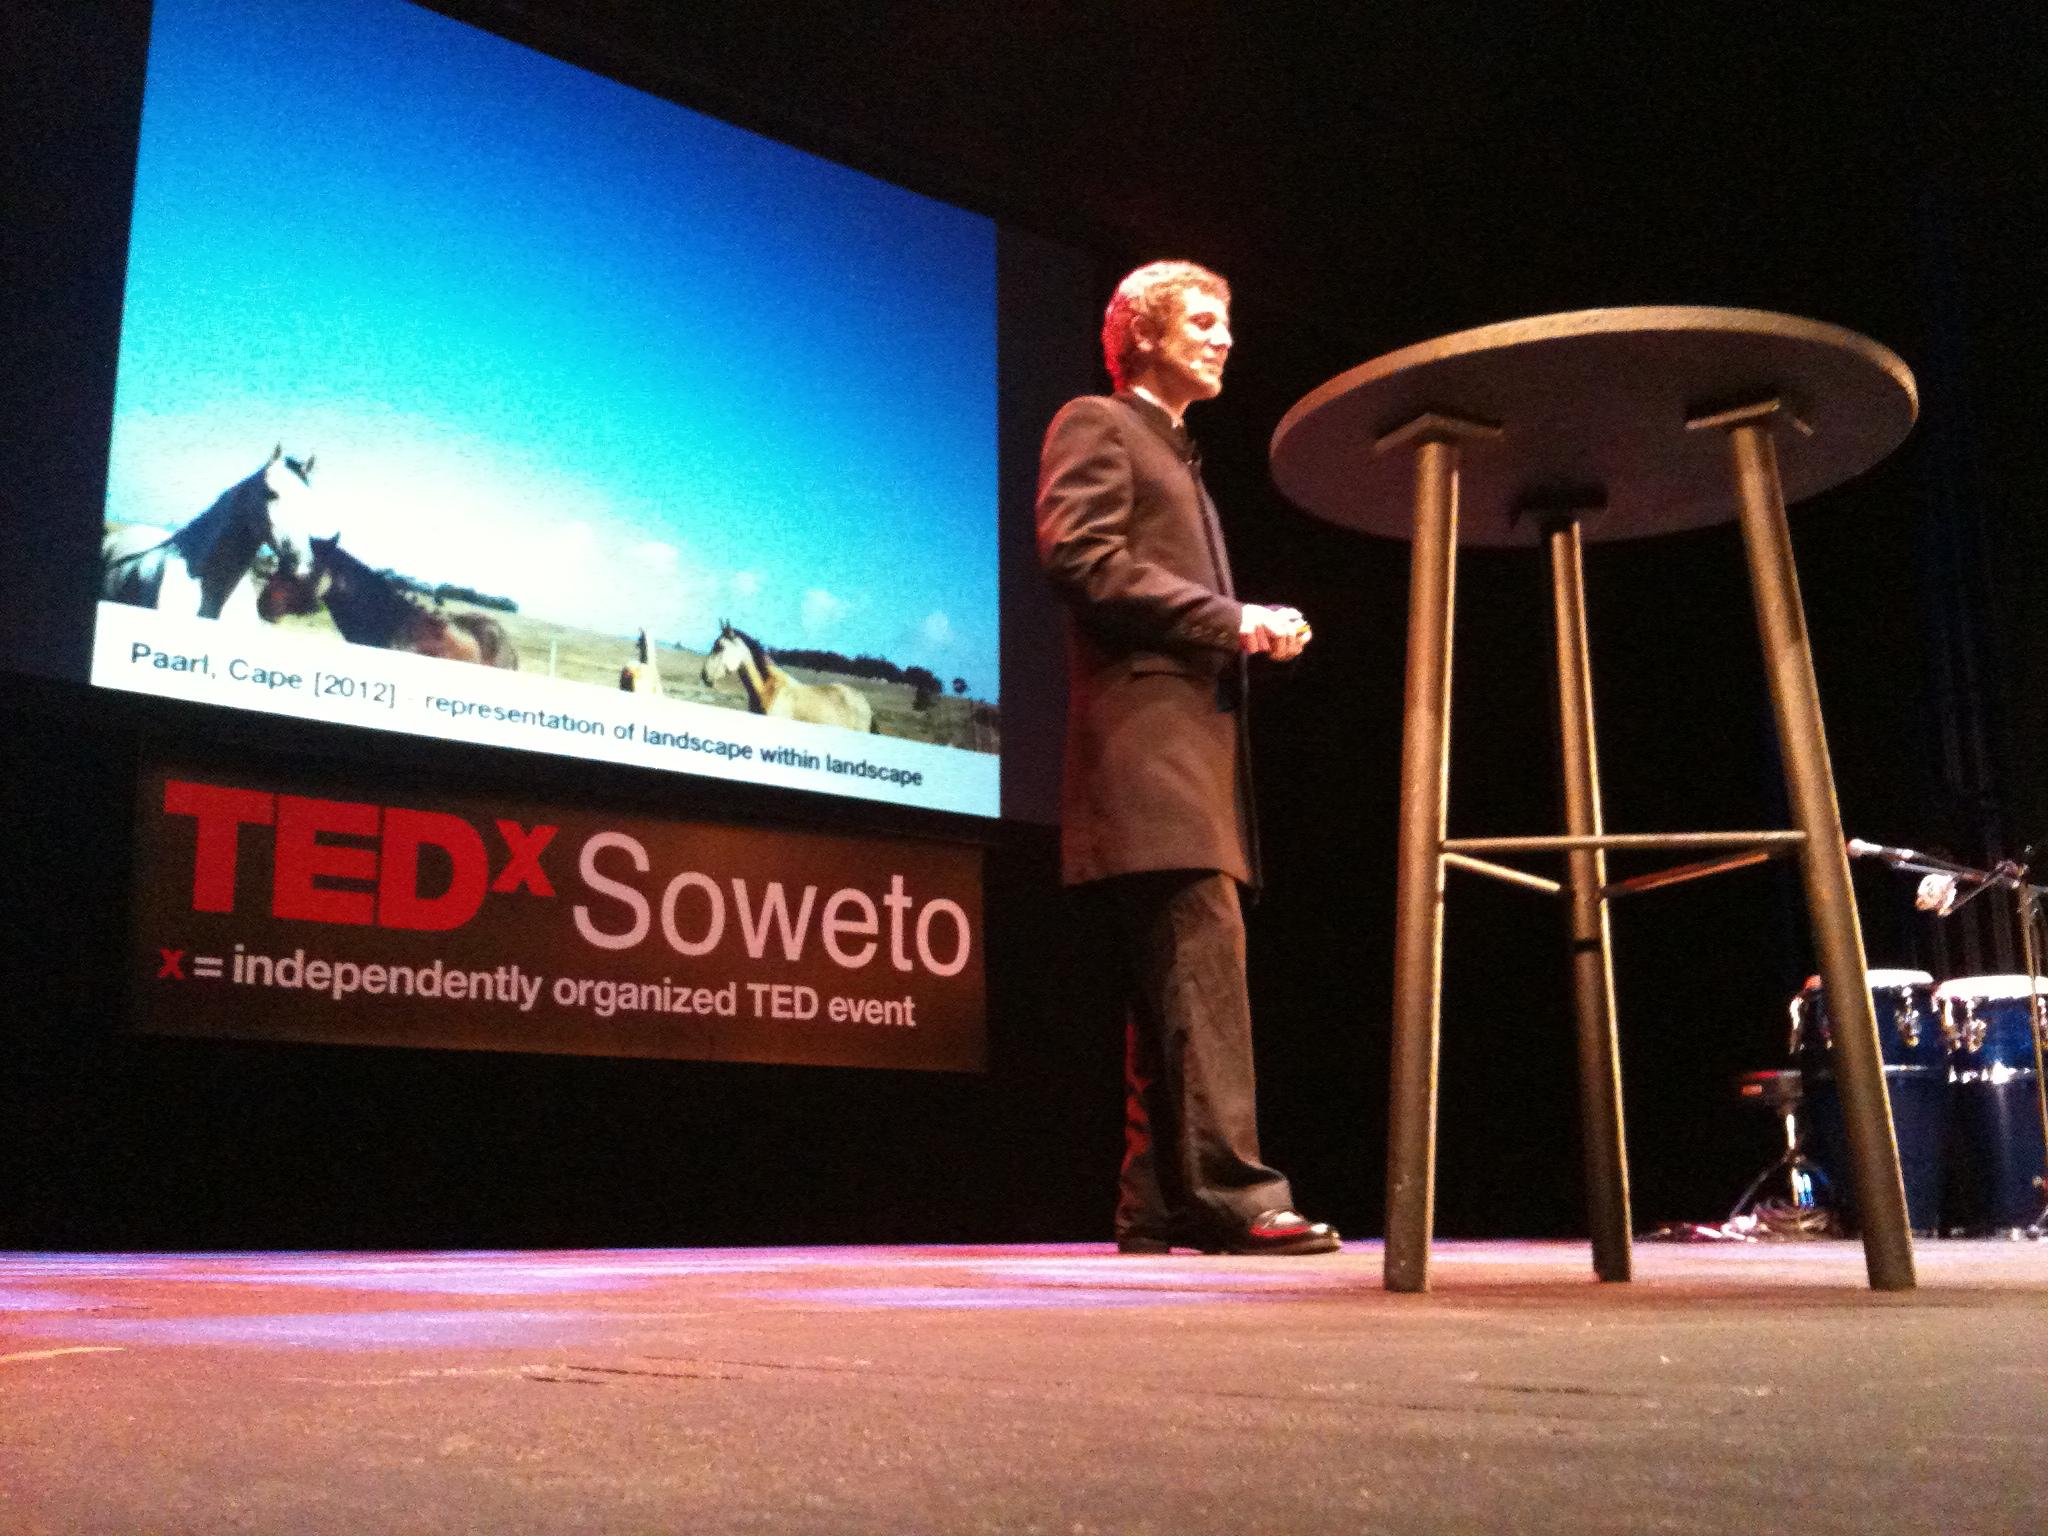 """<img src=http://""""TEDxSoweto_2012_Leapfrog_Lorenzo_Nassimbeni.png""""?w=504&h=378 alt=""""TEDxSoweto 2012 Leapfrog Lorenzo Nassimbeni"""">"""